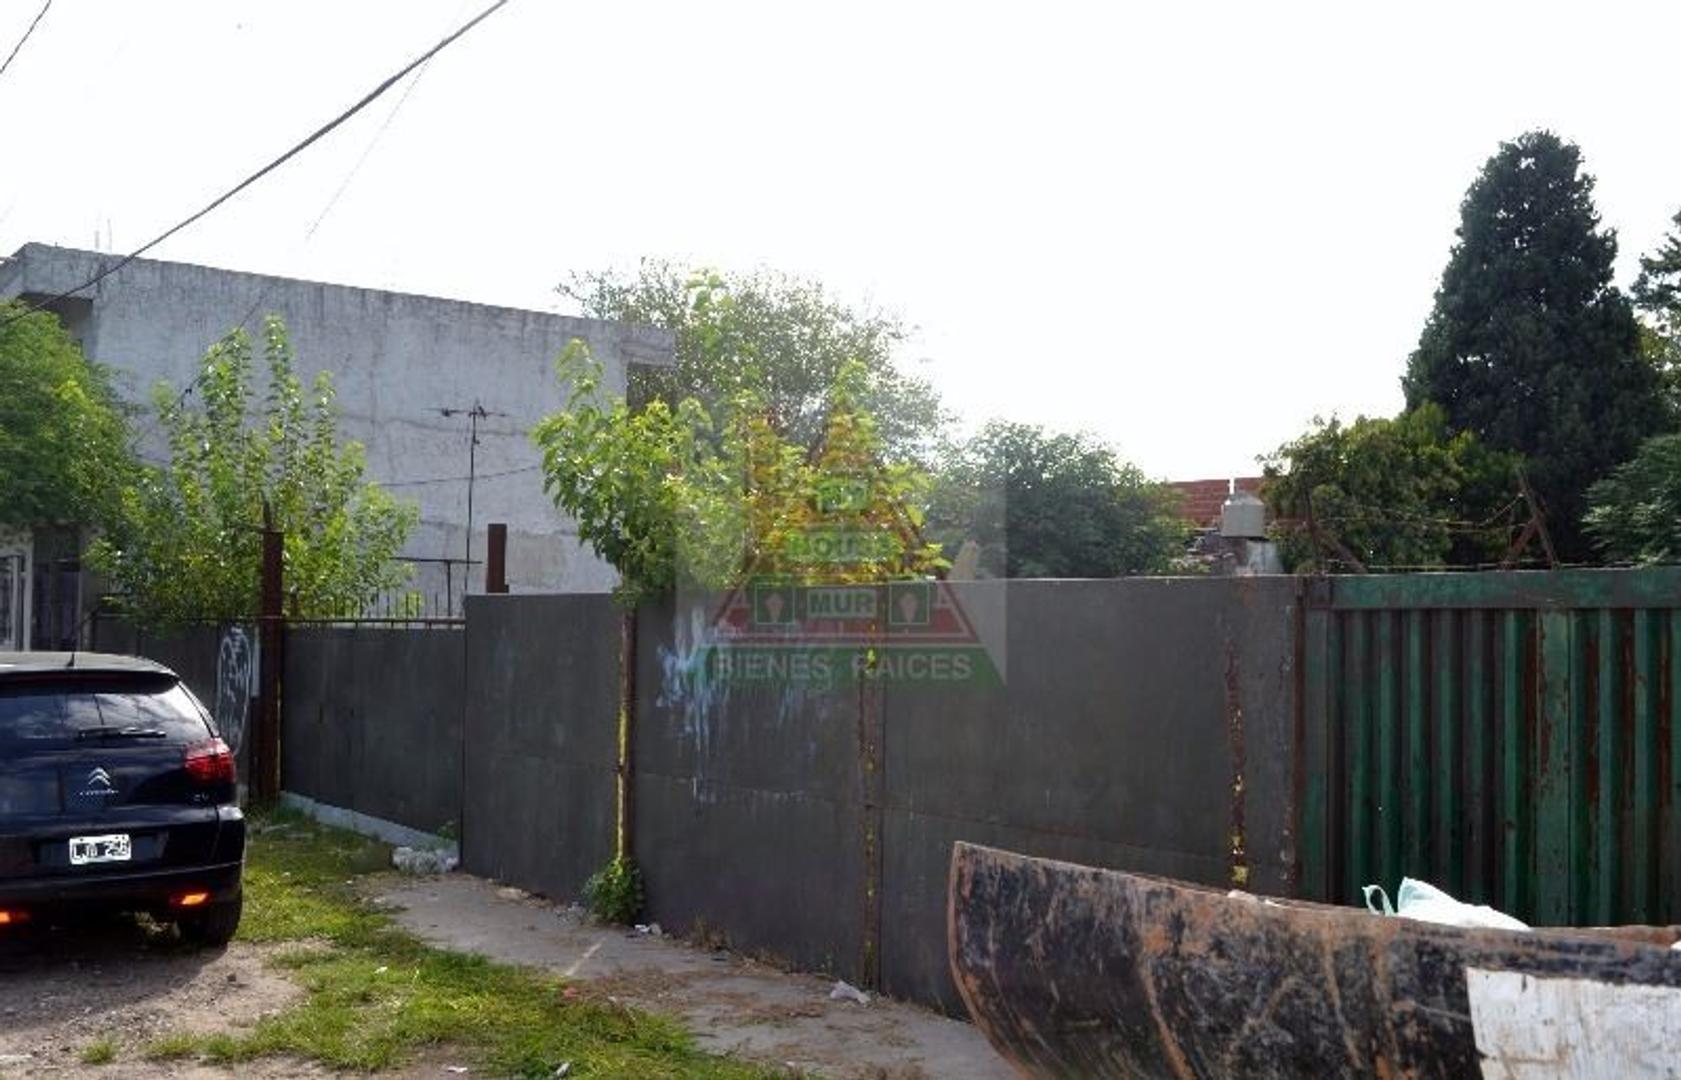 LOTE 600 m², VENTA EN PACHECO